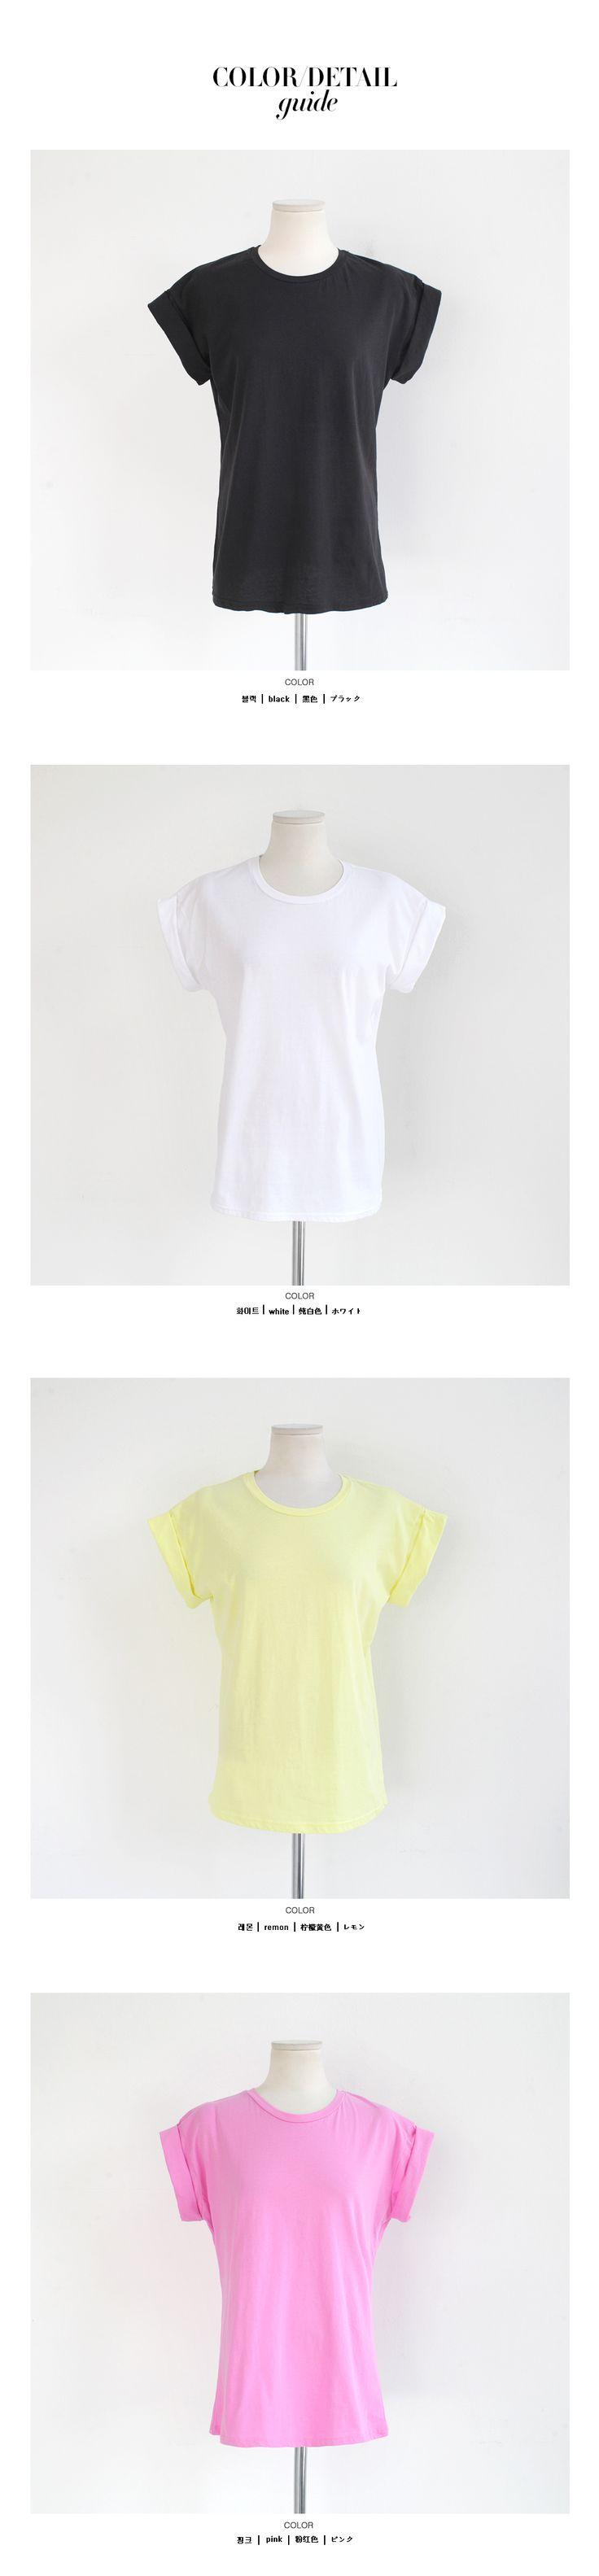 ロールアップスリーブTシャツ・全4色トップス・カットソーカットソー・Tシャツ|大人のレディースファッション通販 HIHOLLIハイホリ [トレンドをプラスした素敵な大人スタイル]